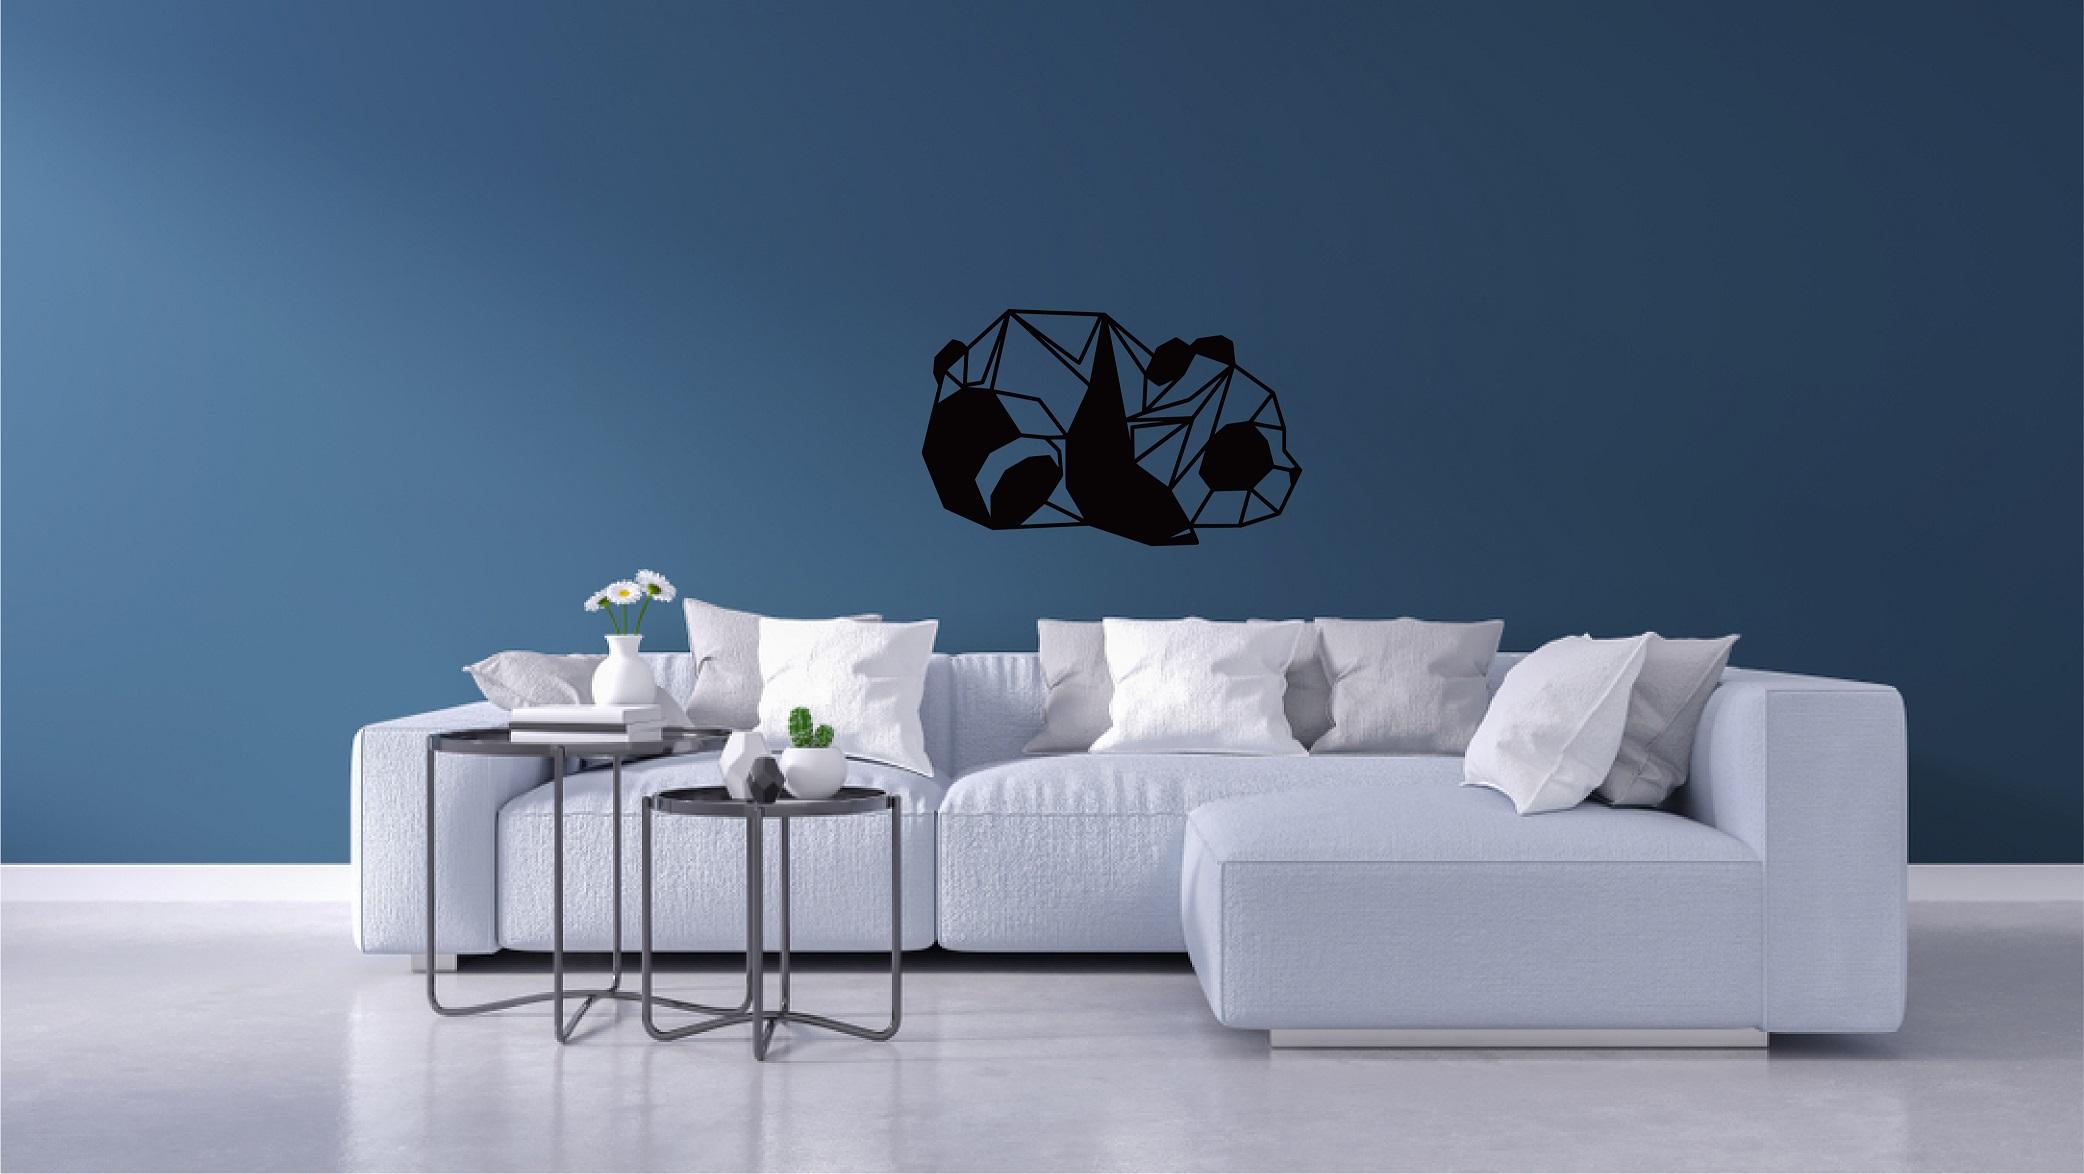 Deco origami panda